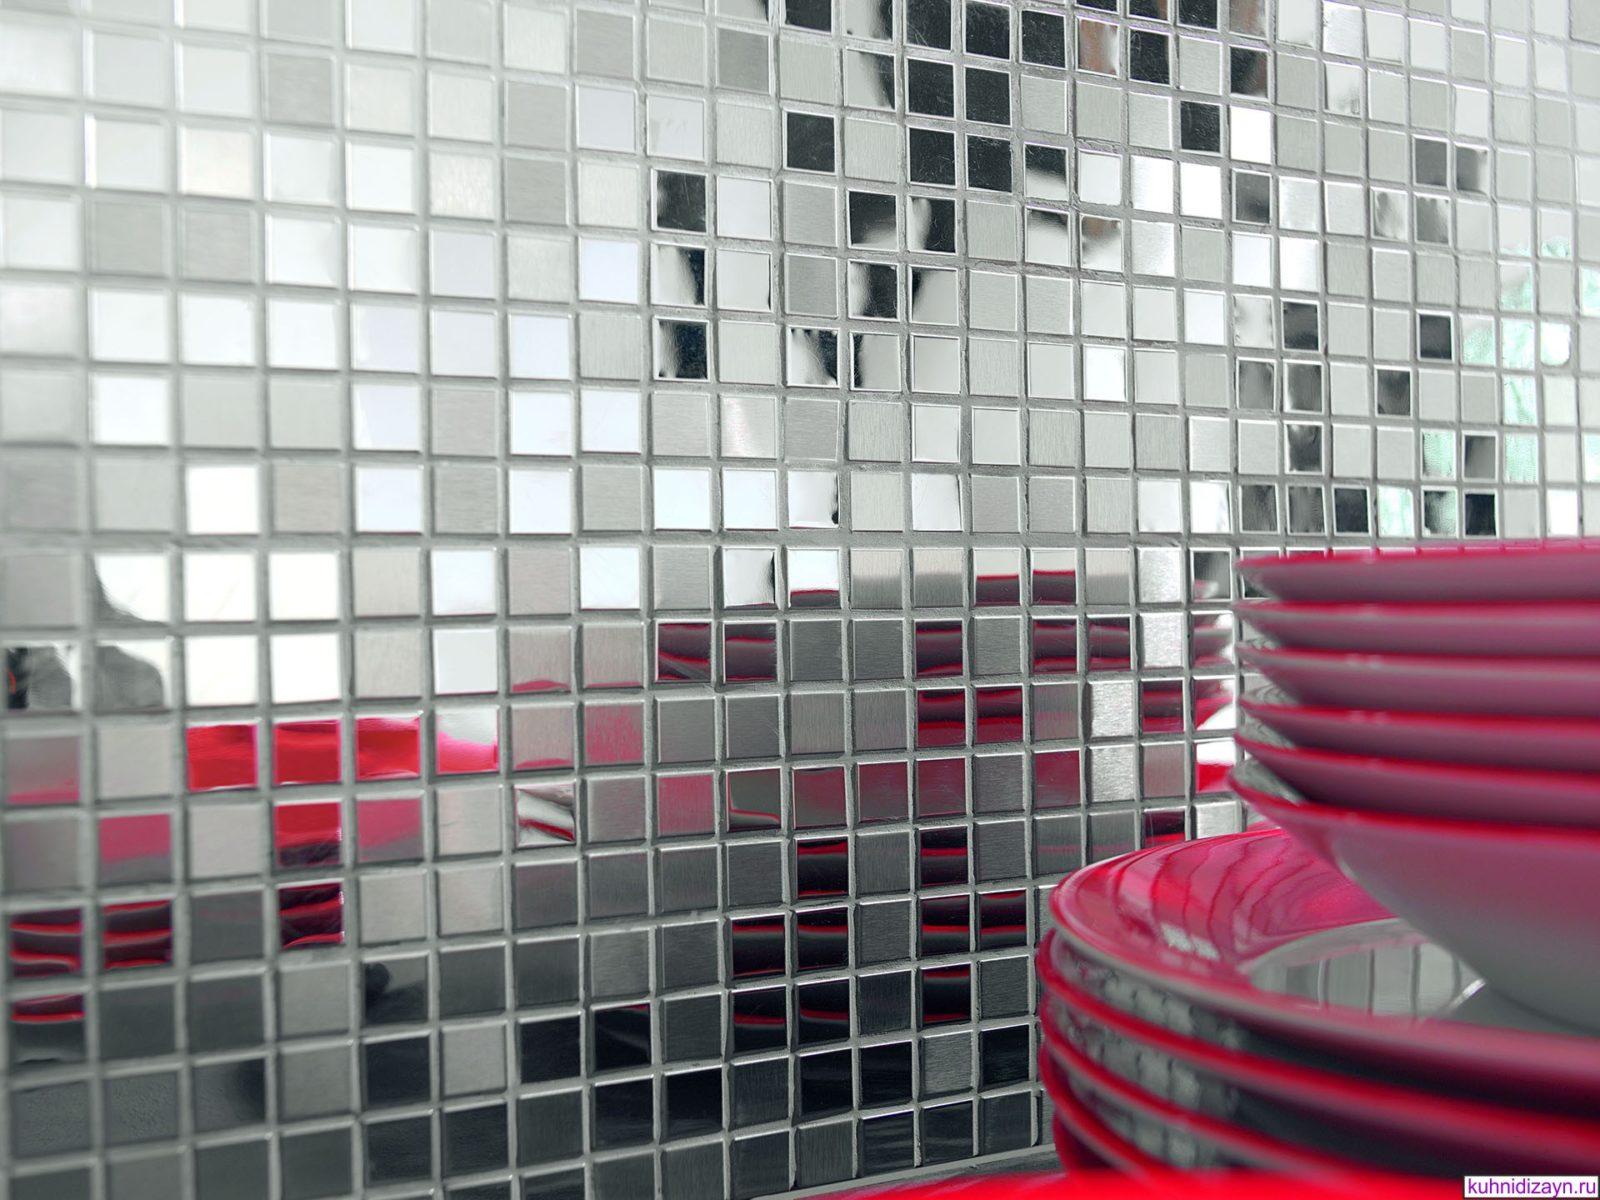 Стеклянная плитка: красивый долговечный материал